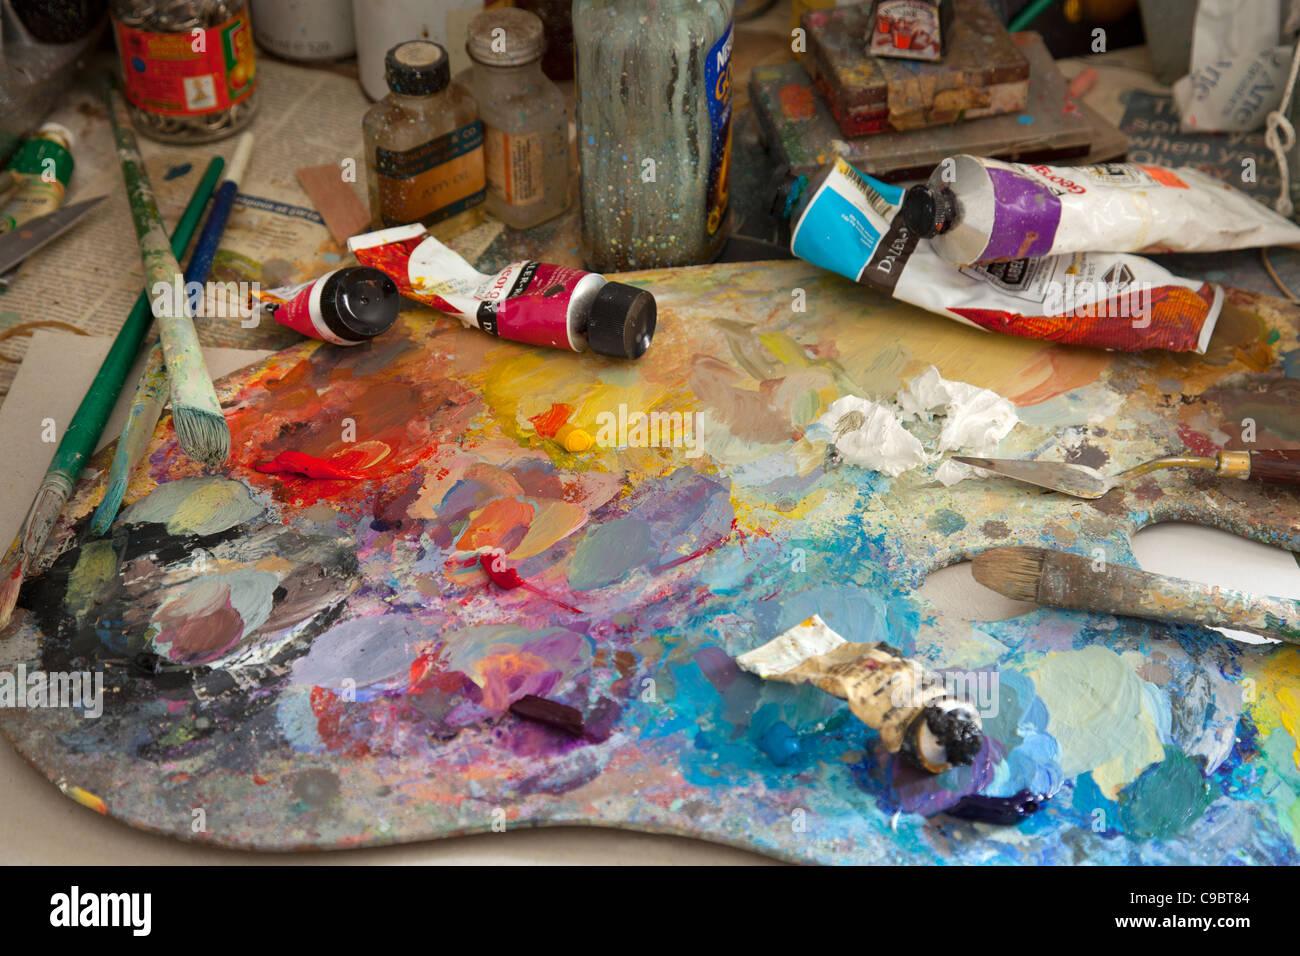 huile peinture artistes color s palette avec des pinceaux couteau spatule huiles et tube de. Black Bedroom Furniture Sets. Home Design Ideas